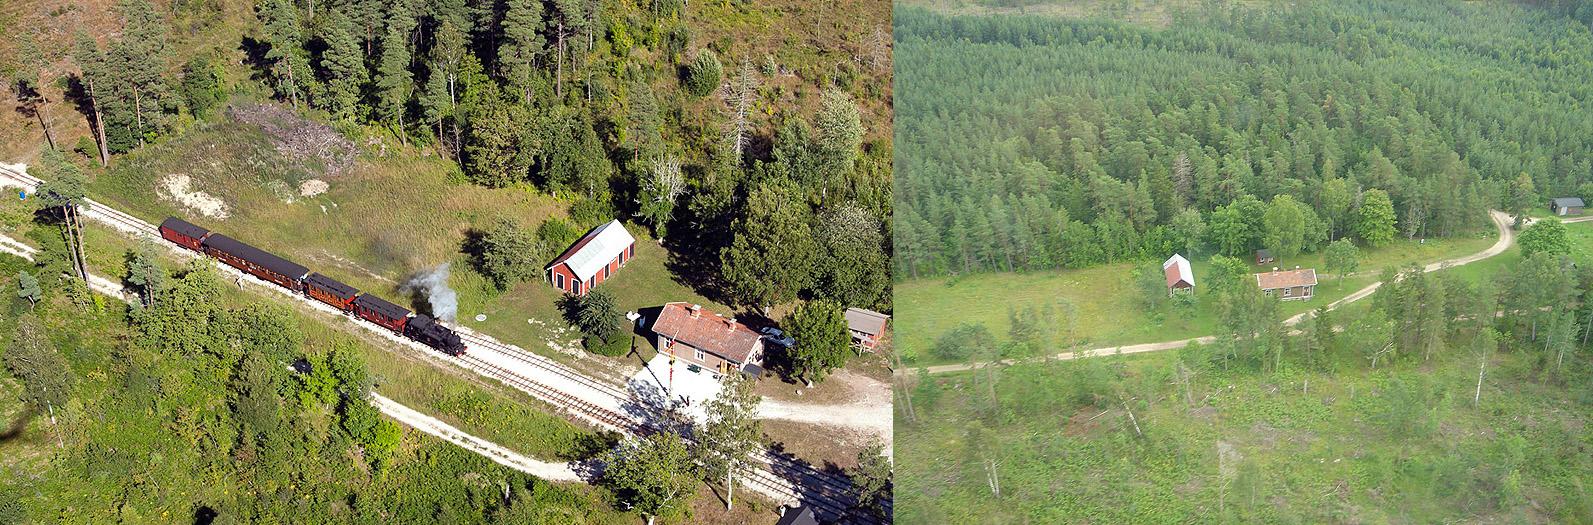 Till vänster: Flygfoto taget från flygplan av Gunnar Britse den 1 augusti 2013. Till höger: Flygfoto taget med helikopter av Ingemar Ohlsson sommaren 2006